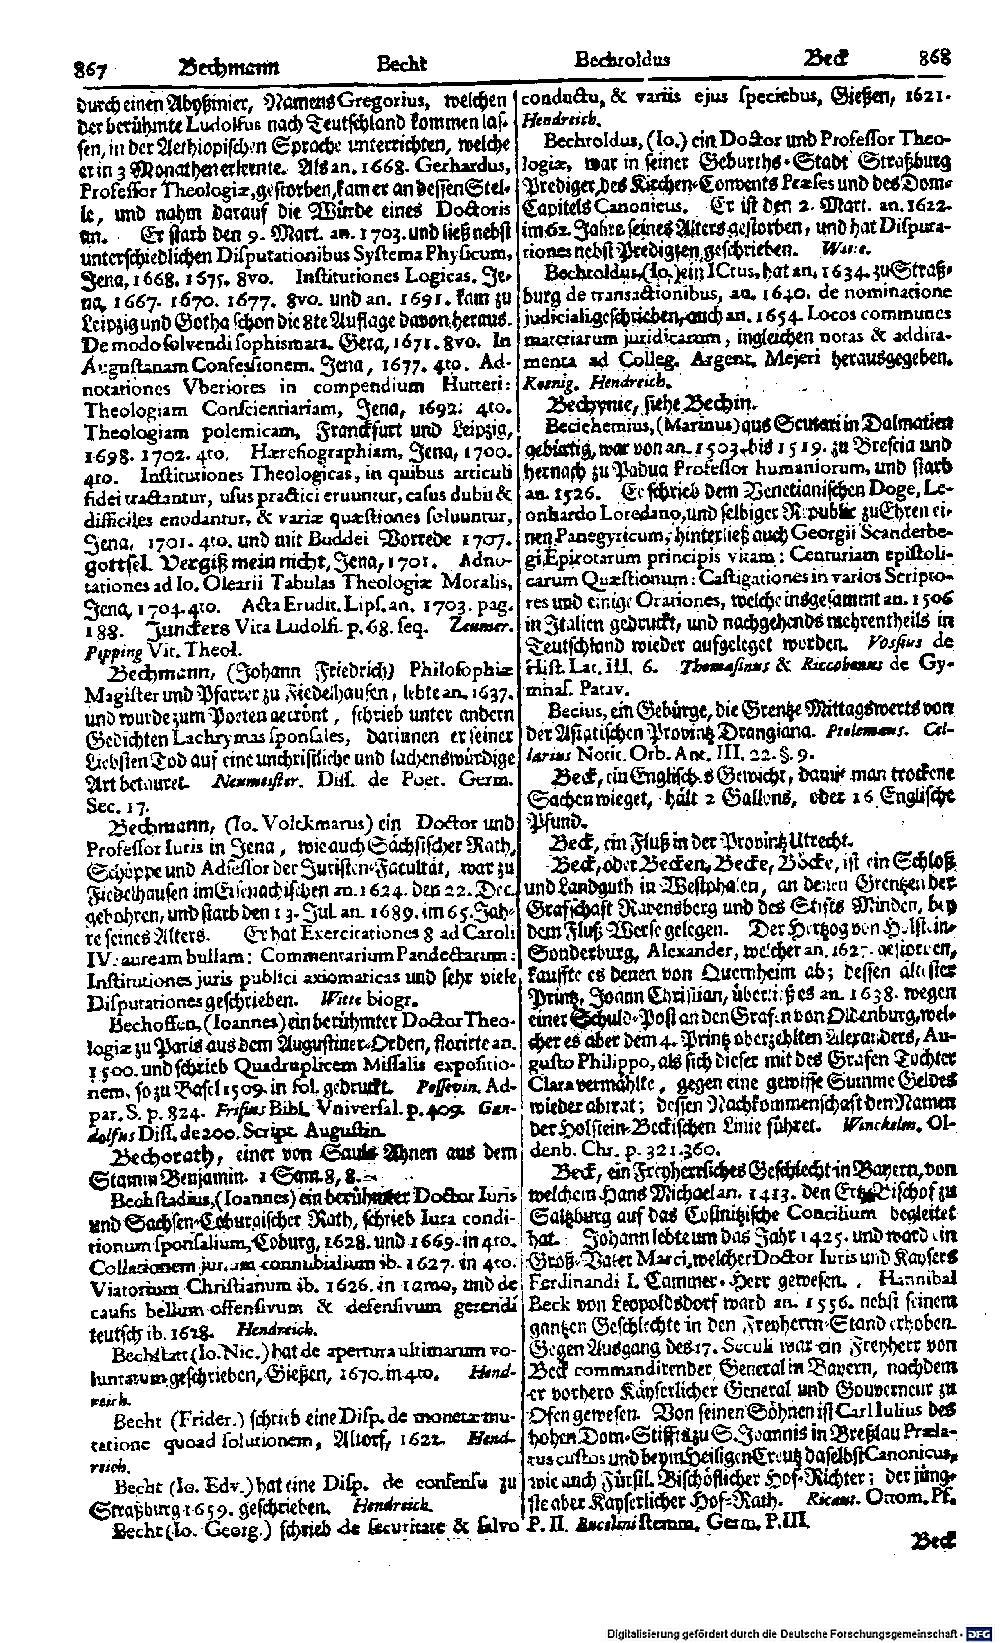 Bd. 3, Seite 0449.